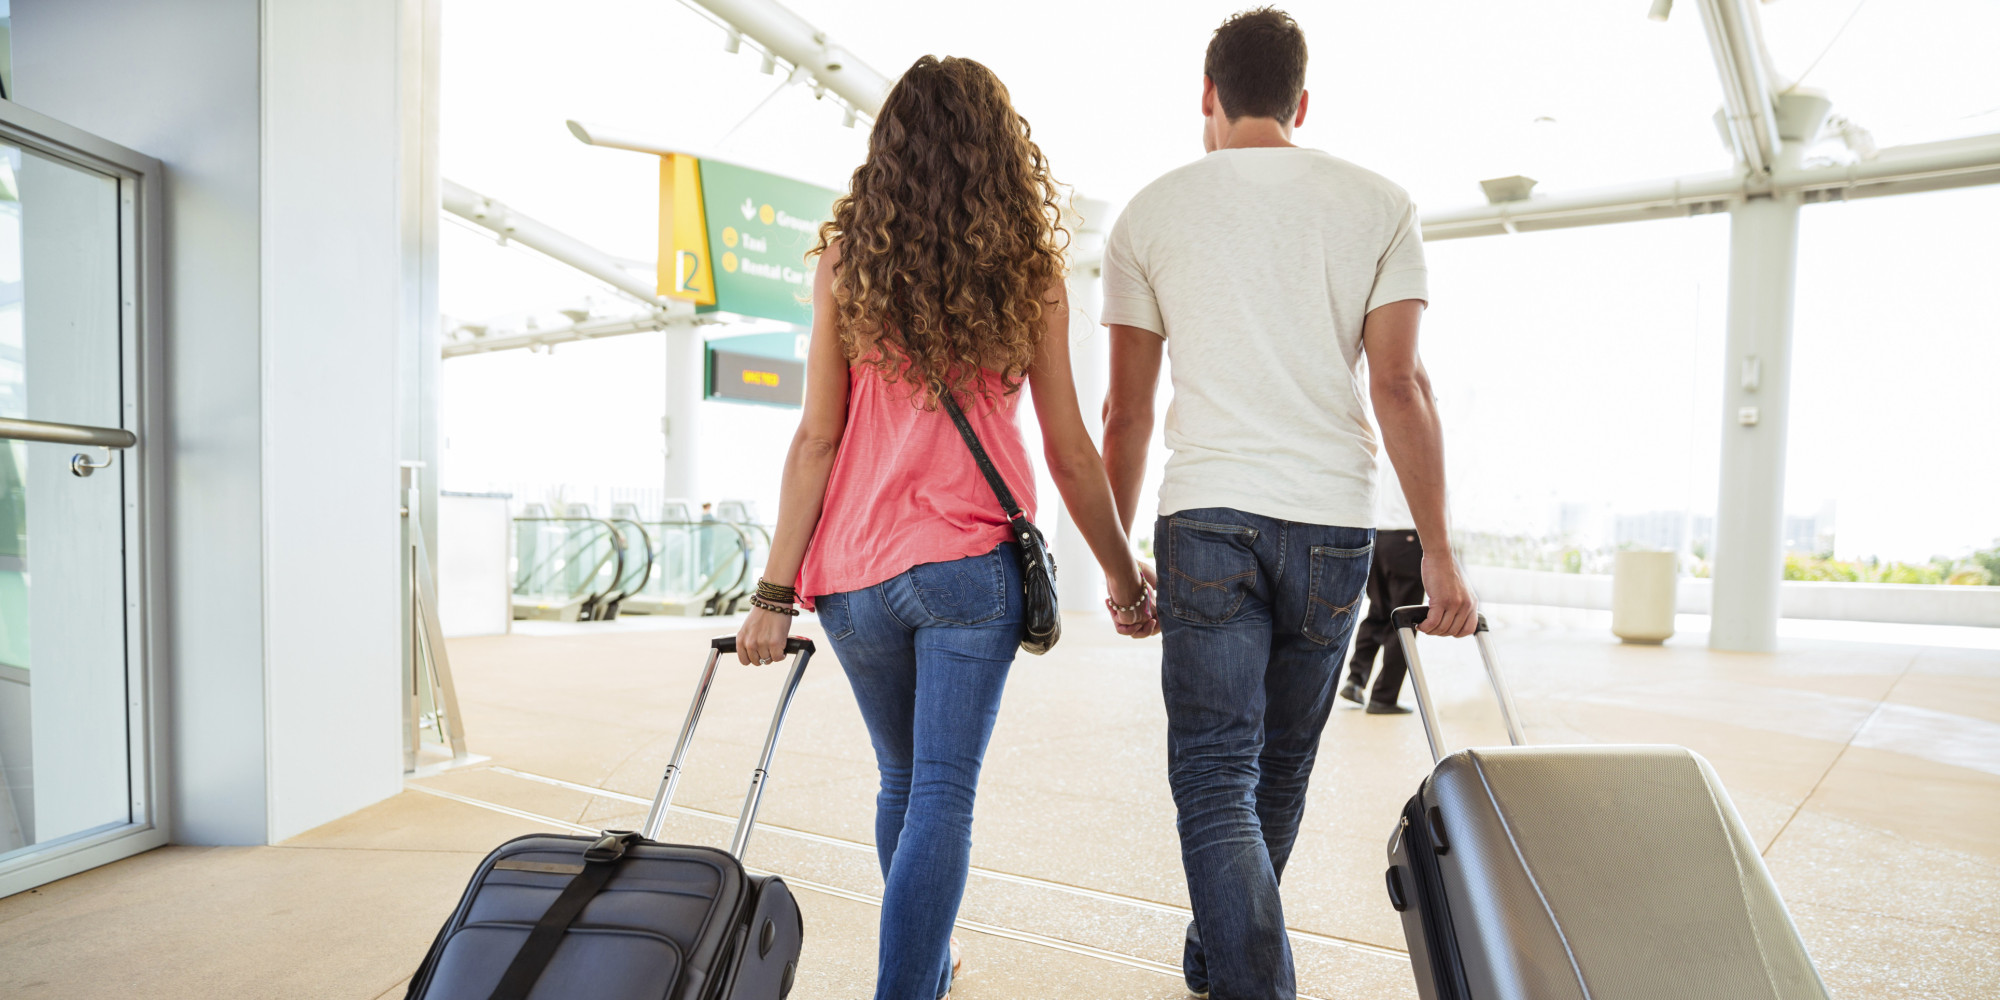 Resultado de imagen para couple airport